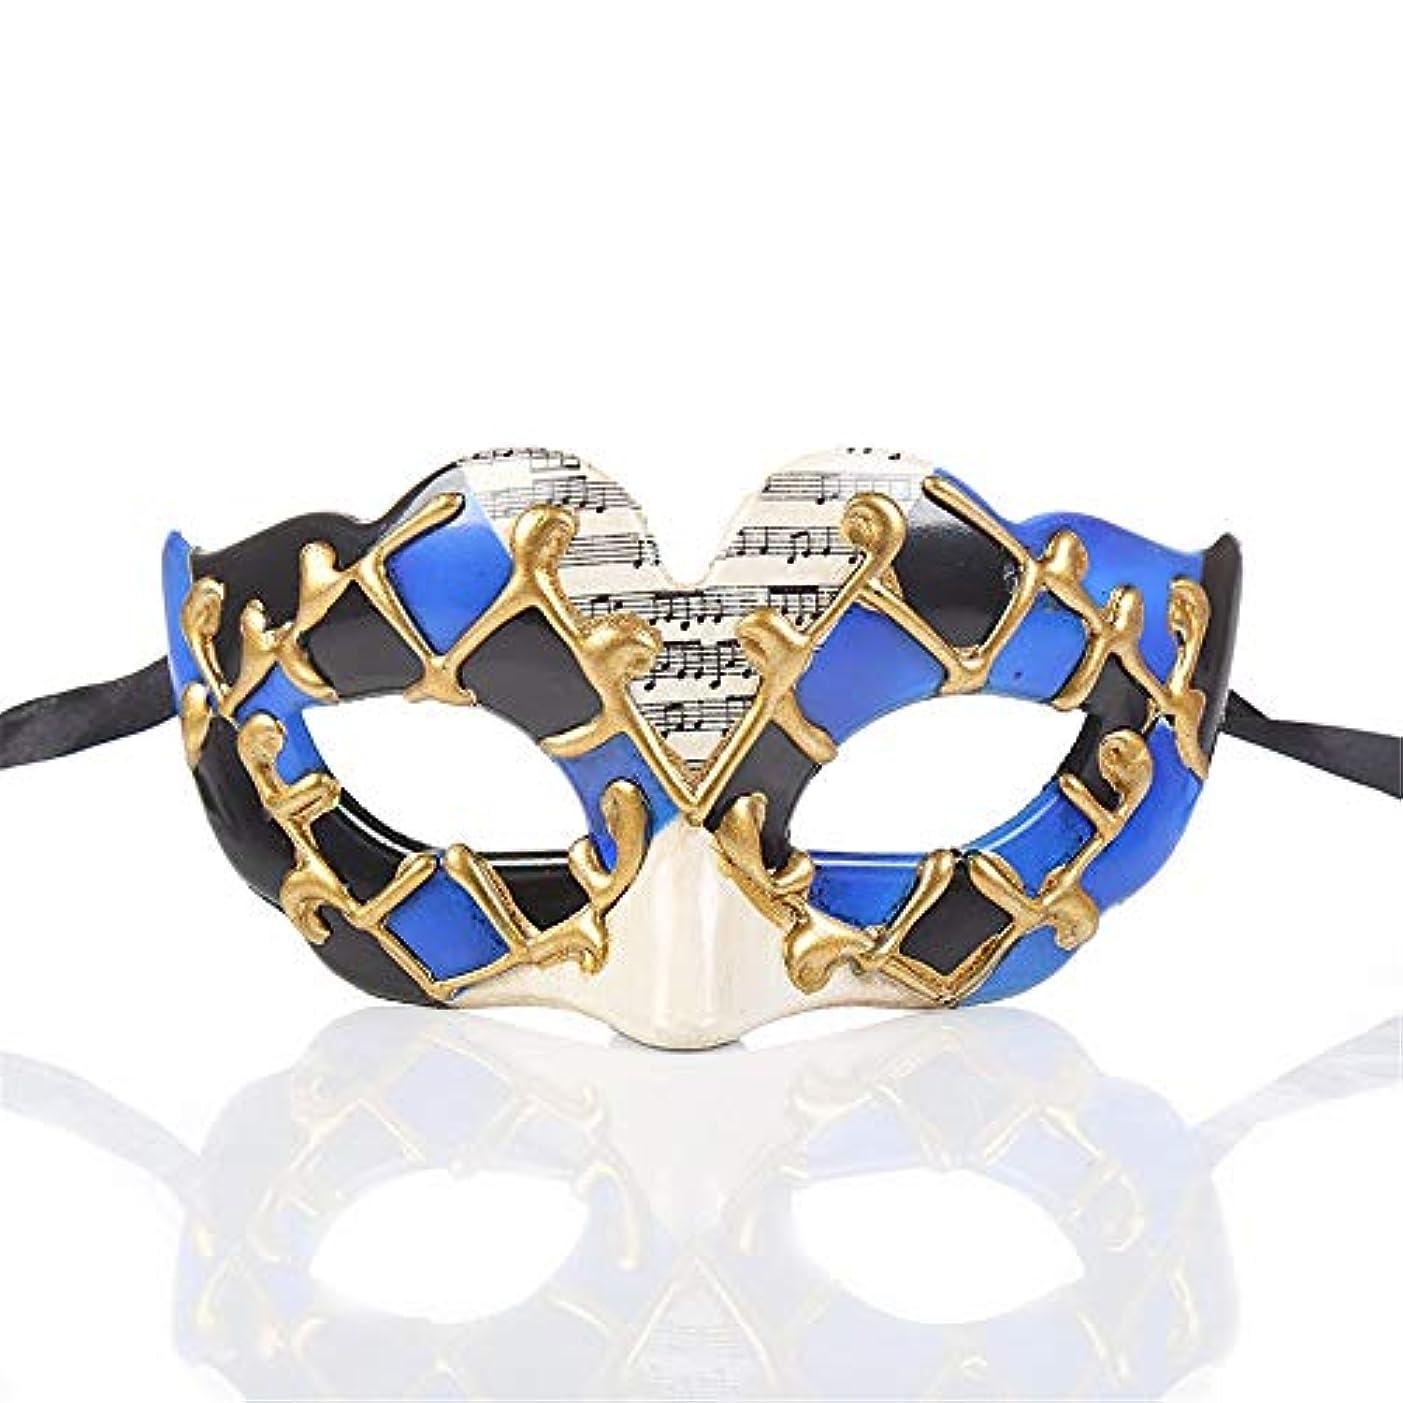 ビザ持ってるアピールダンスマスク パーティーCospalyマスクハロウィーンマスカレードデコレーションマスクフェスティバルプラスチックマスク ホリデーパーティー用品 (色 : 青, サイズ : 14.5x7.5cm)